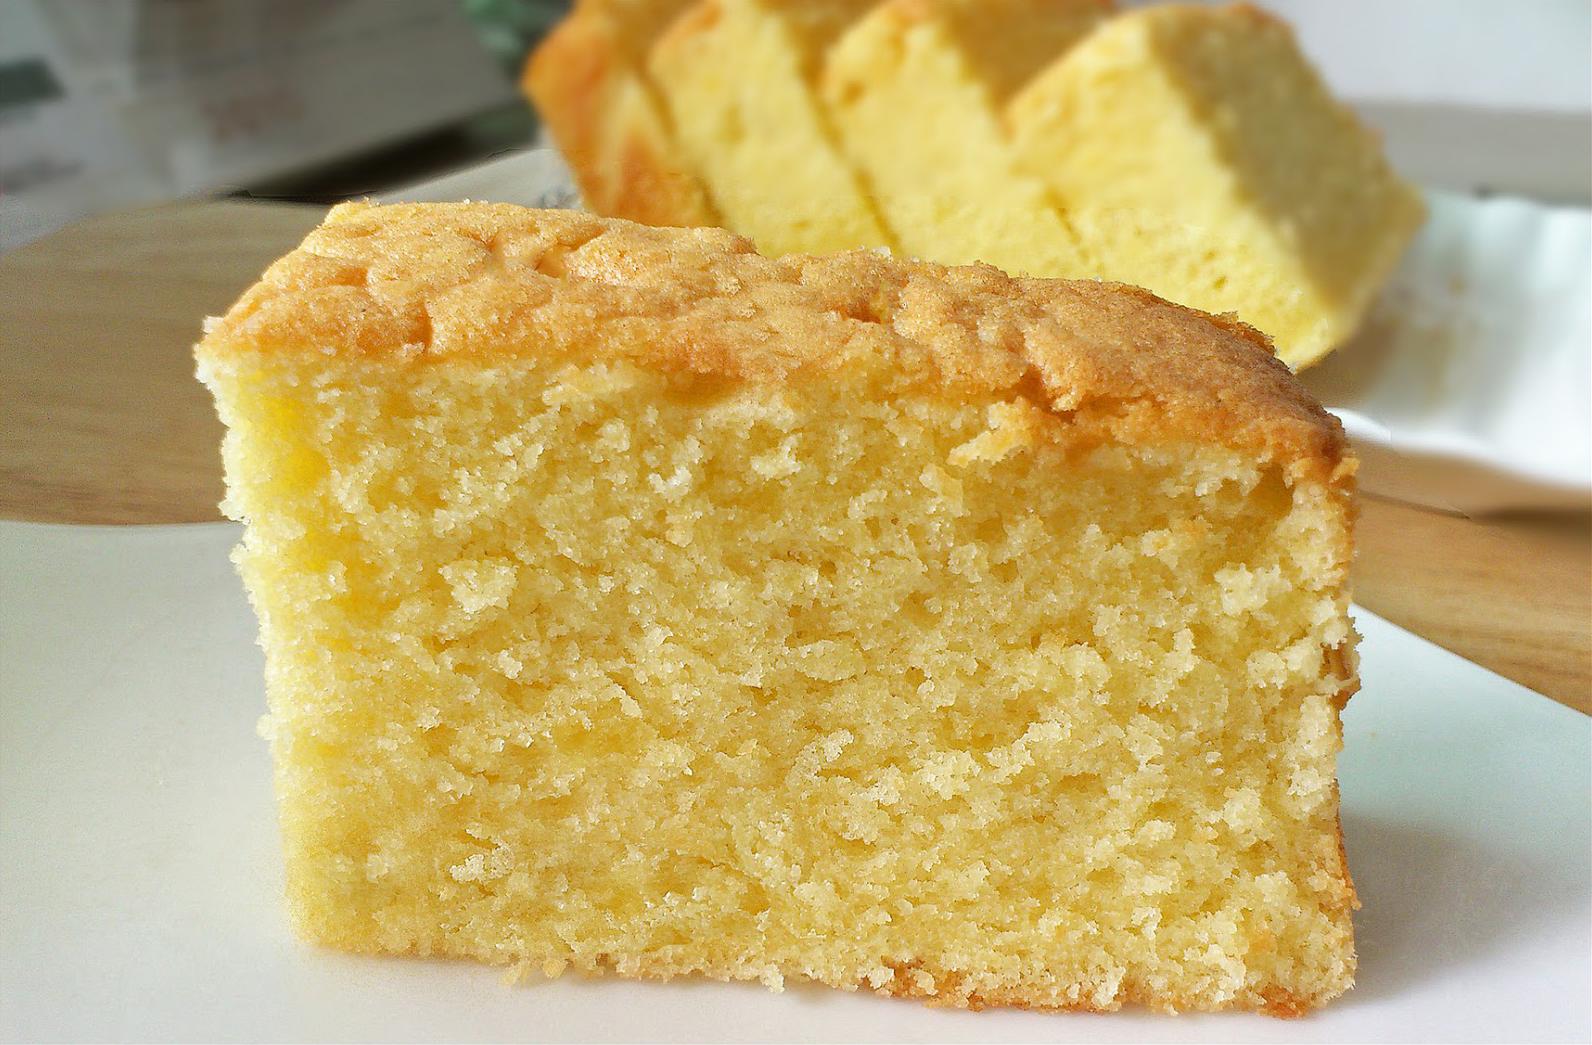 slice of butter cake